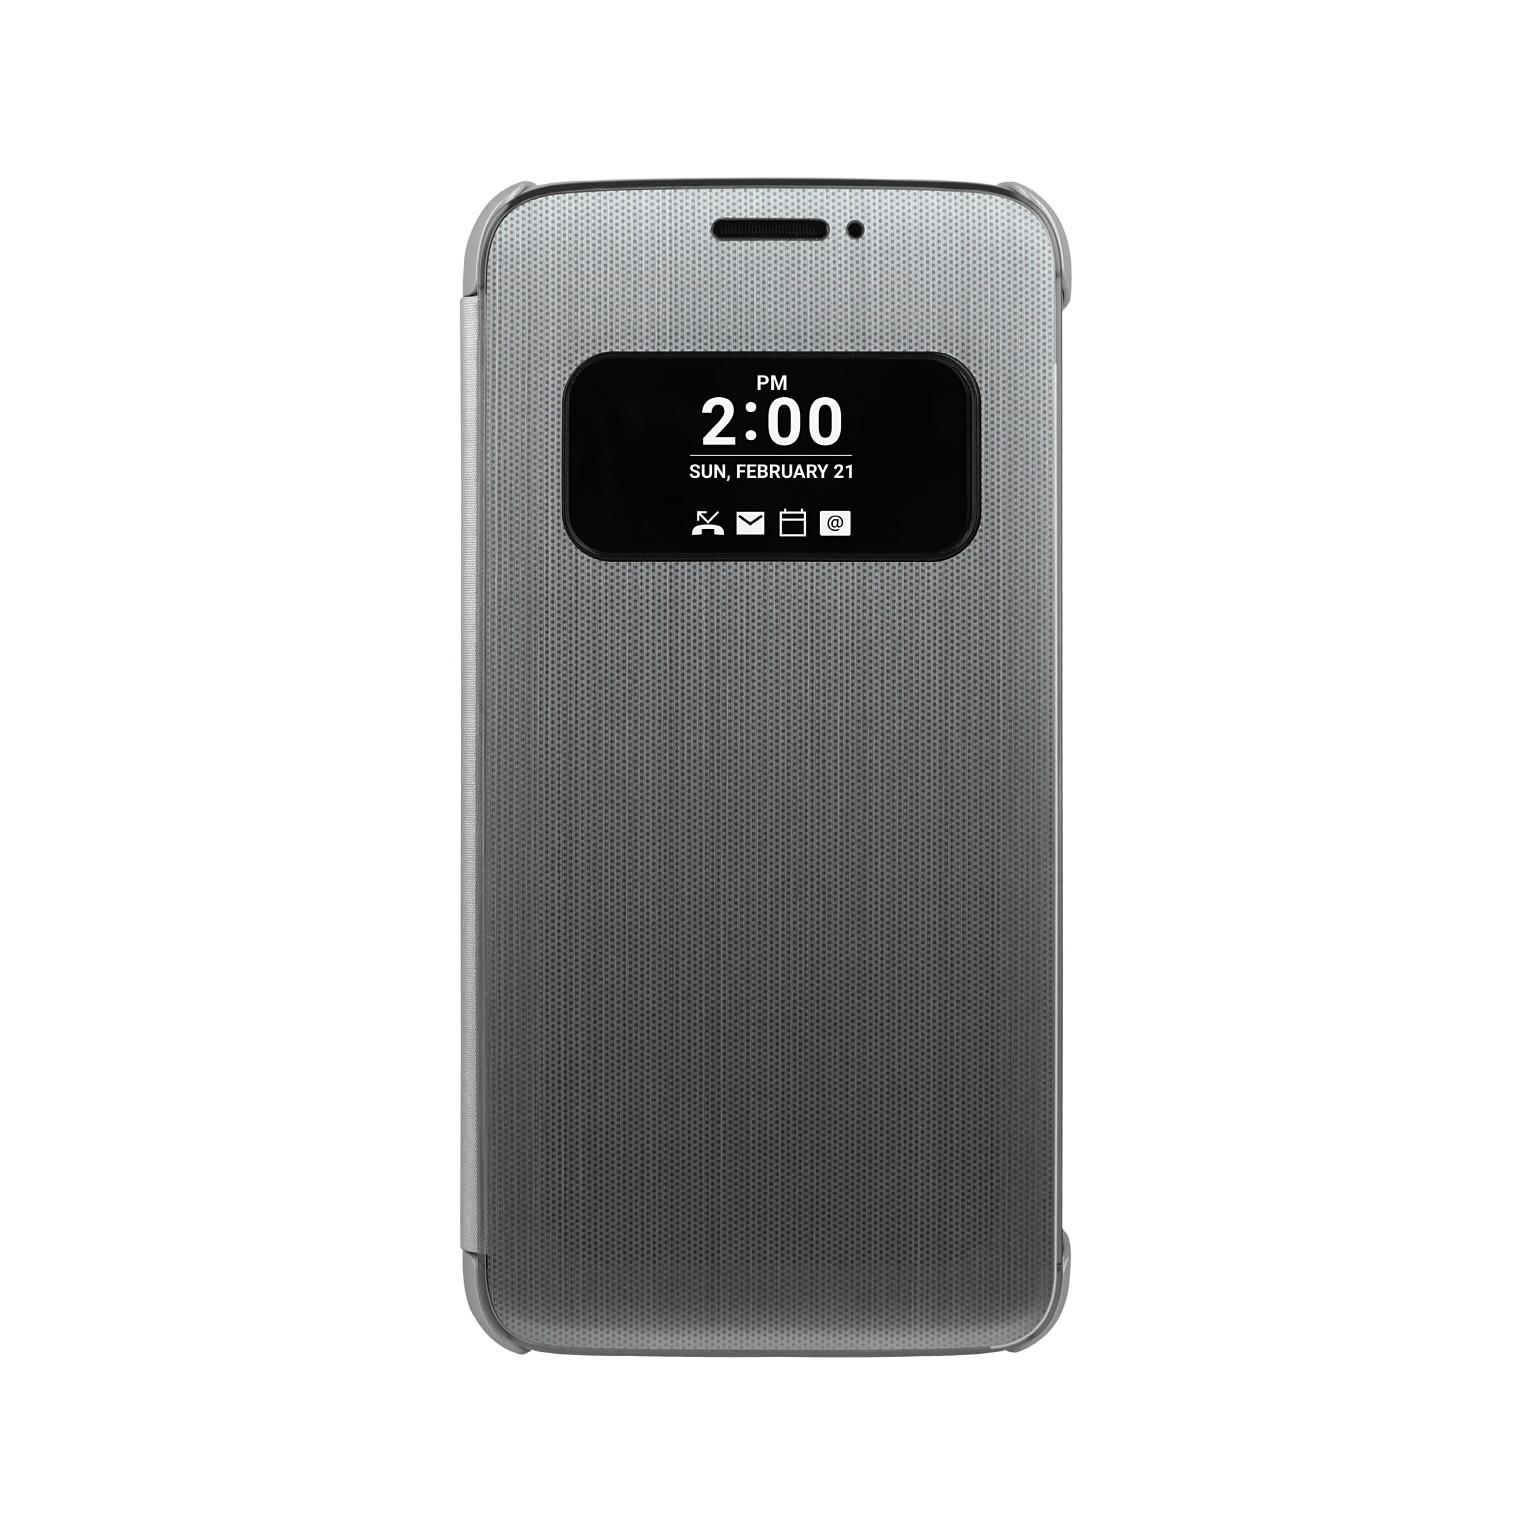 lg g5 voici une coque de protection officielle d voil e avant le smartphone frandroid. Black Bedroom Furniture Sets. Home Design Ideas